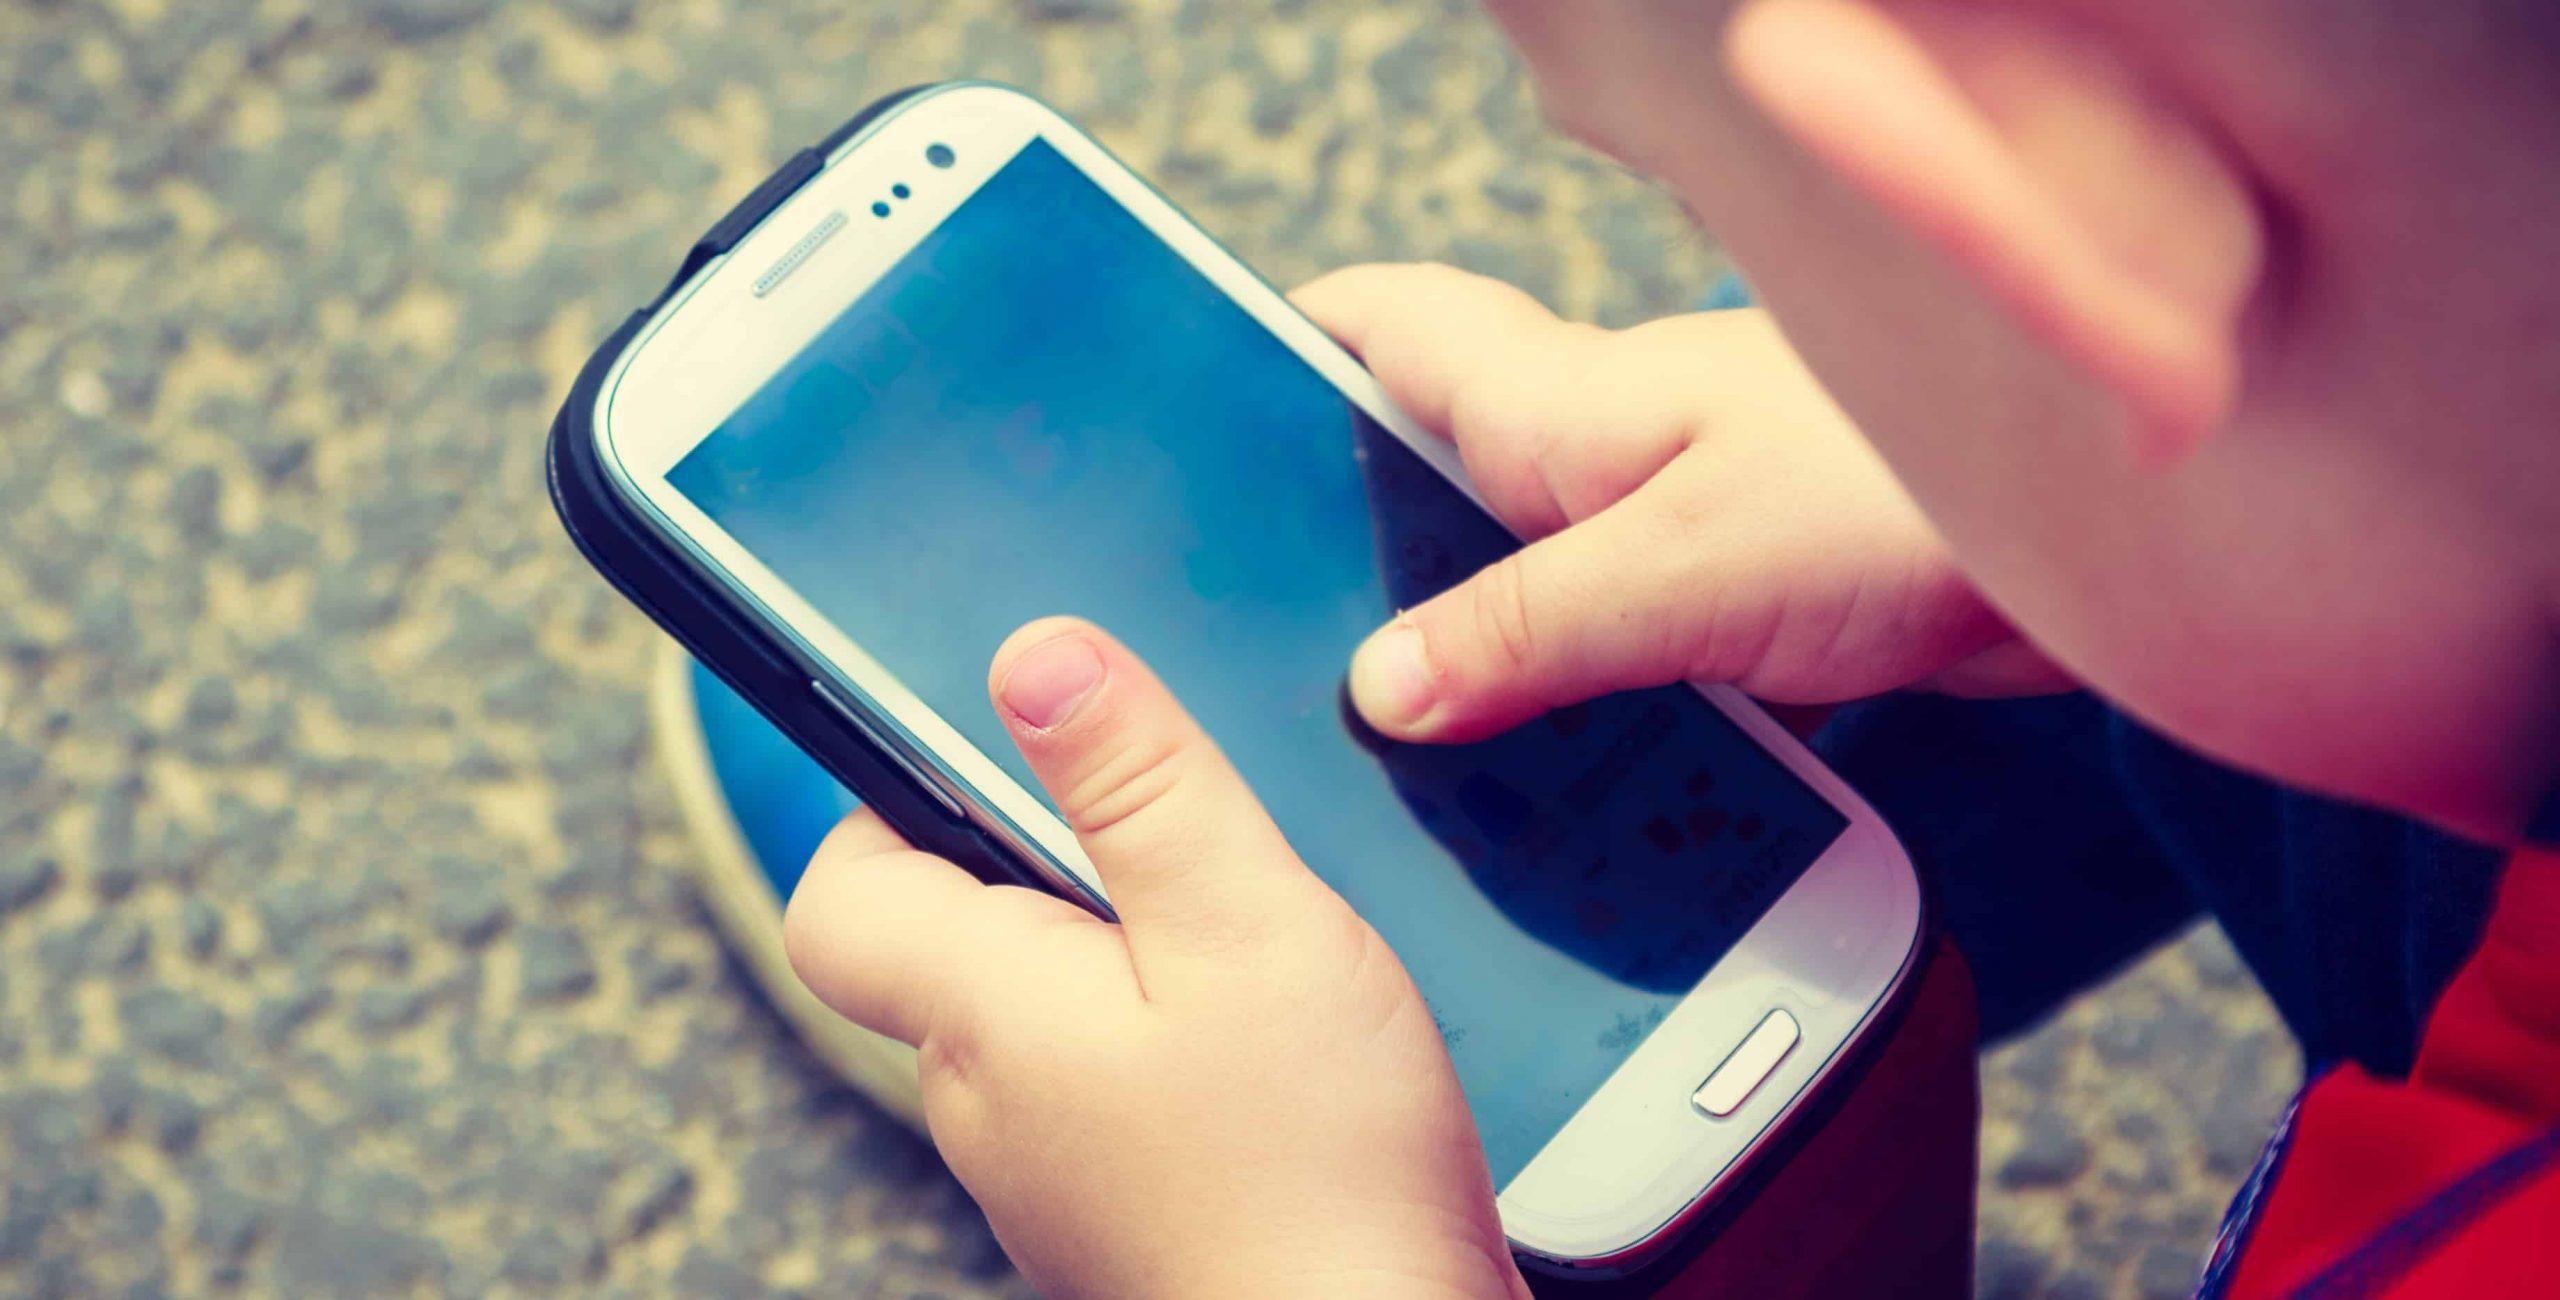 Miglior cellulare per bambini 2020: Guida all'acquisto